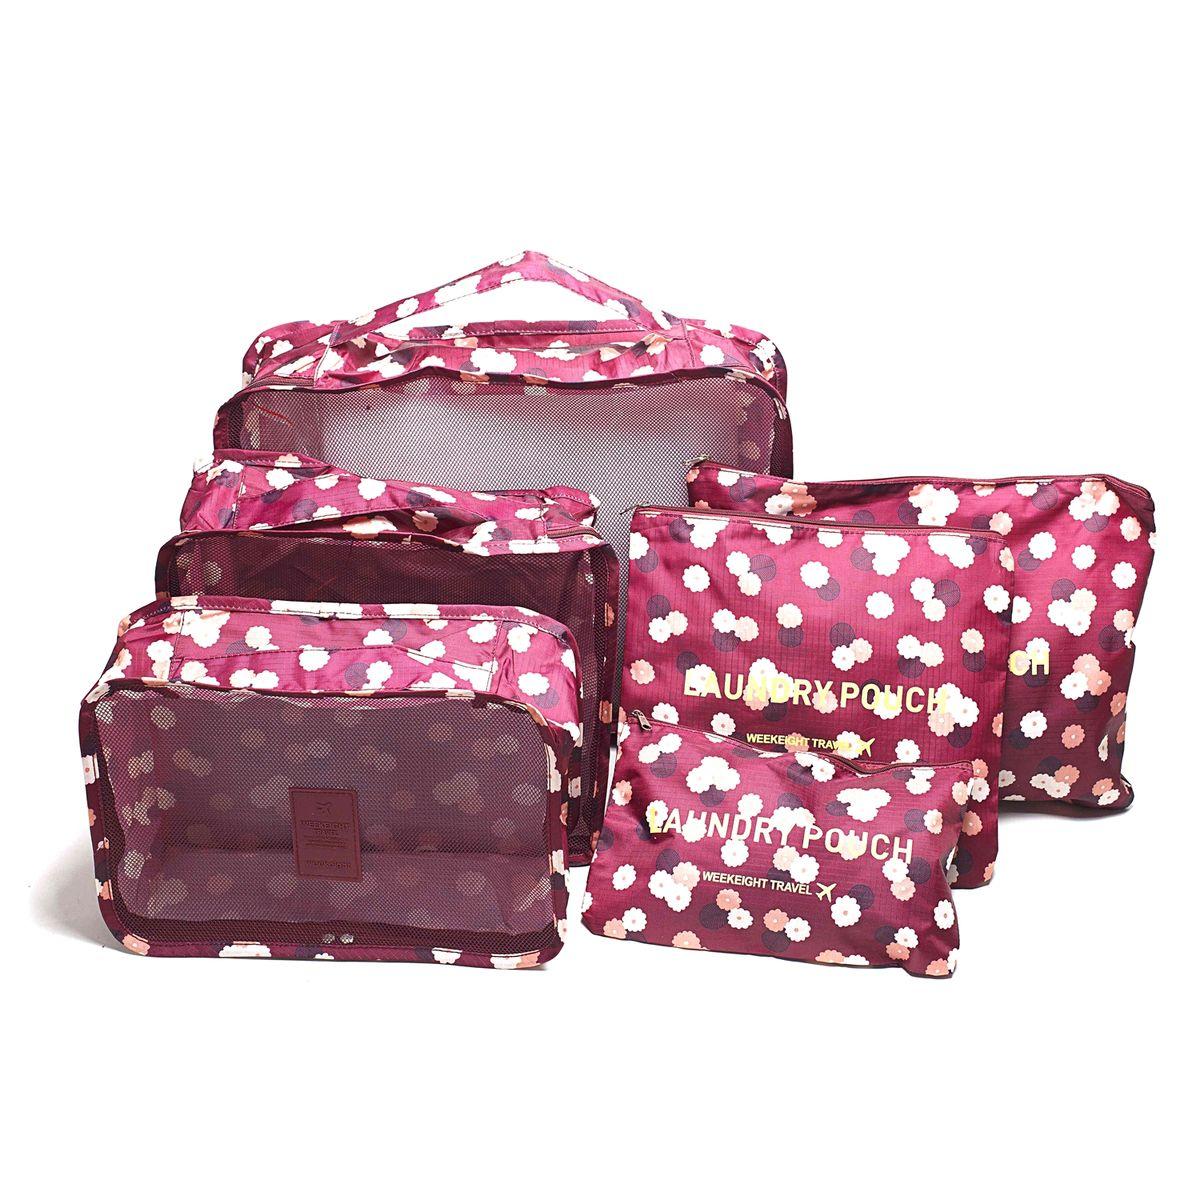 Набор органайзеров для багажа Homsu Цветок, цвет: бордовый, розовый, белый, 6 предметовCLP446Набор органайзеров для багажа Homsu Цветок выполнен из полиэстера и оснащен молниями. В комплекте собраны органайзеры для бюстгальтеров, нижнего белья, носков, одежды, косметики. Вы сможете распределить все вещи, которые возьмете с собой таким образом, чтобы всегда иметь быстрый доступ к ним. Органайзеры надежно защитят от пыли, грязи, влажности или механических повреждений. Размеры органайзеров: 40 x 30 x 12 см; 30 x 28 x 13 см; 30 x 21 x 13 см; 35 x 27 см; 27 x 25 см; 26 x 16 см.